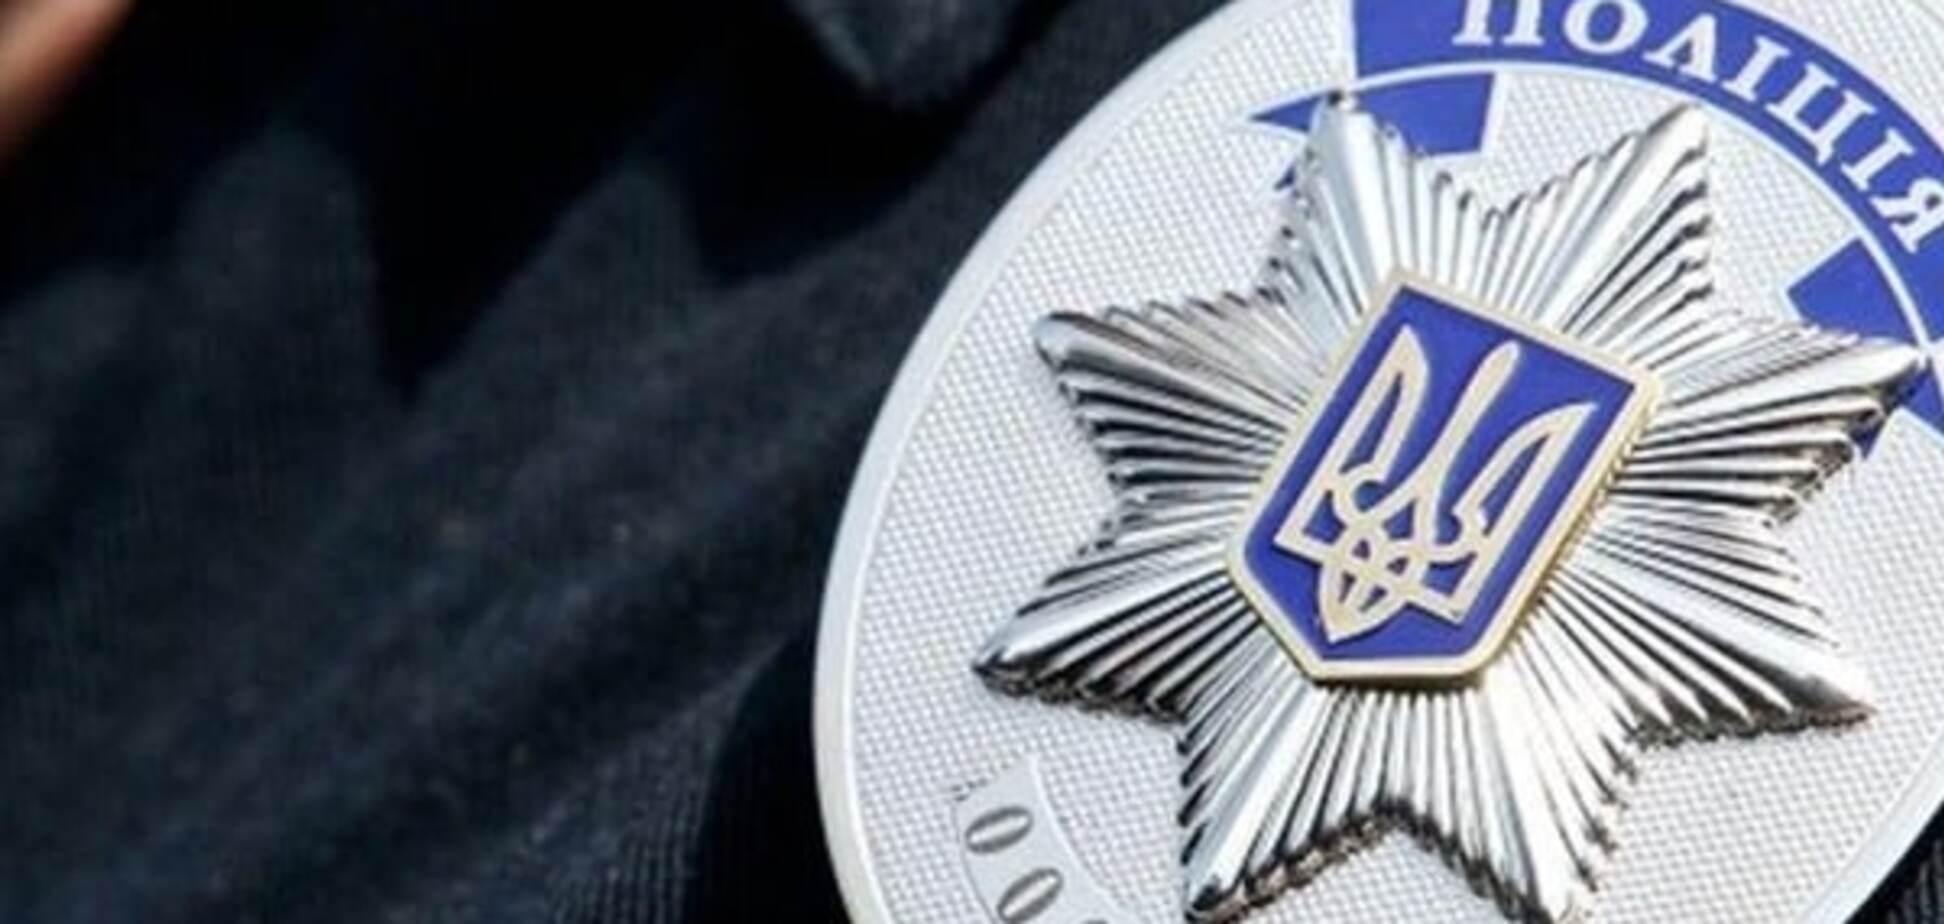 У Києві бандити нагрянули на СТО: у поліції розповіли подробиці нападу